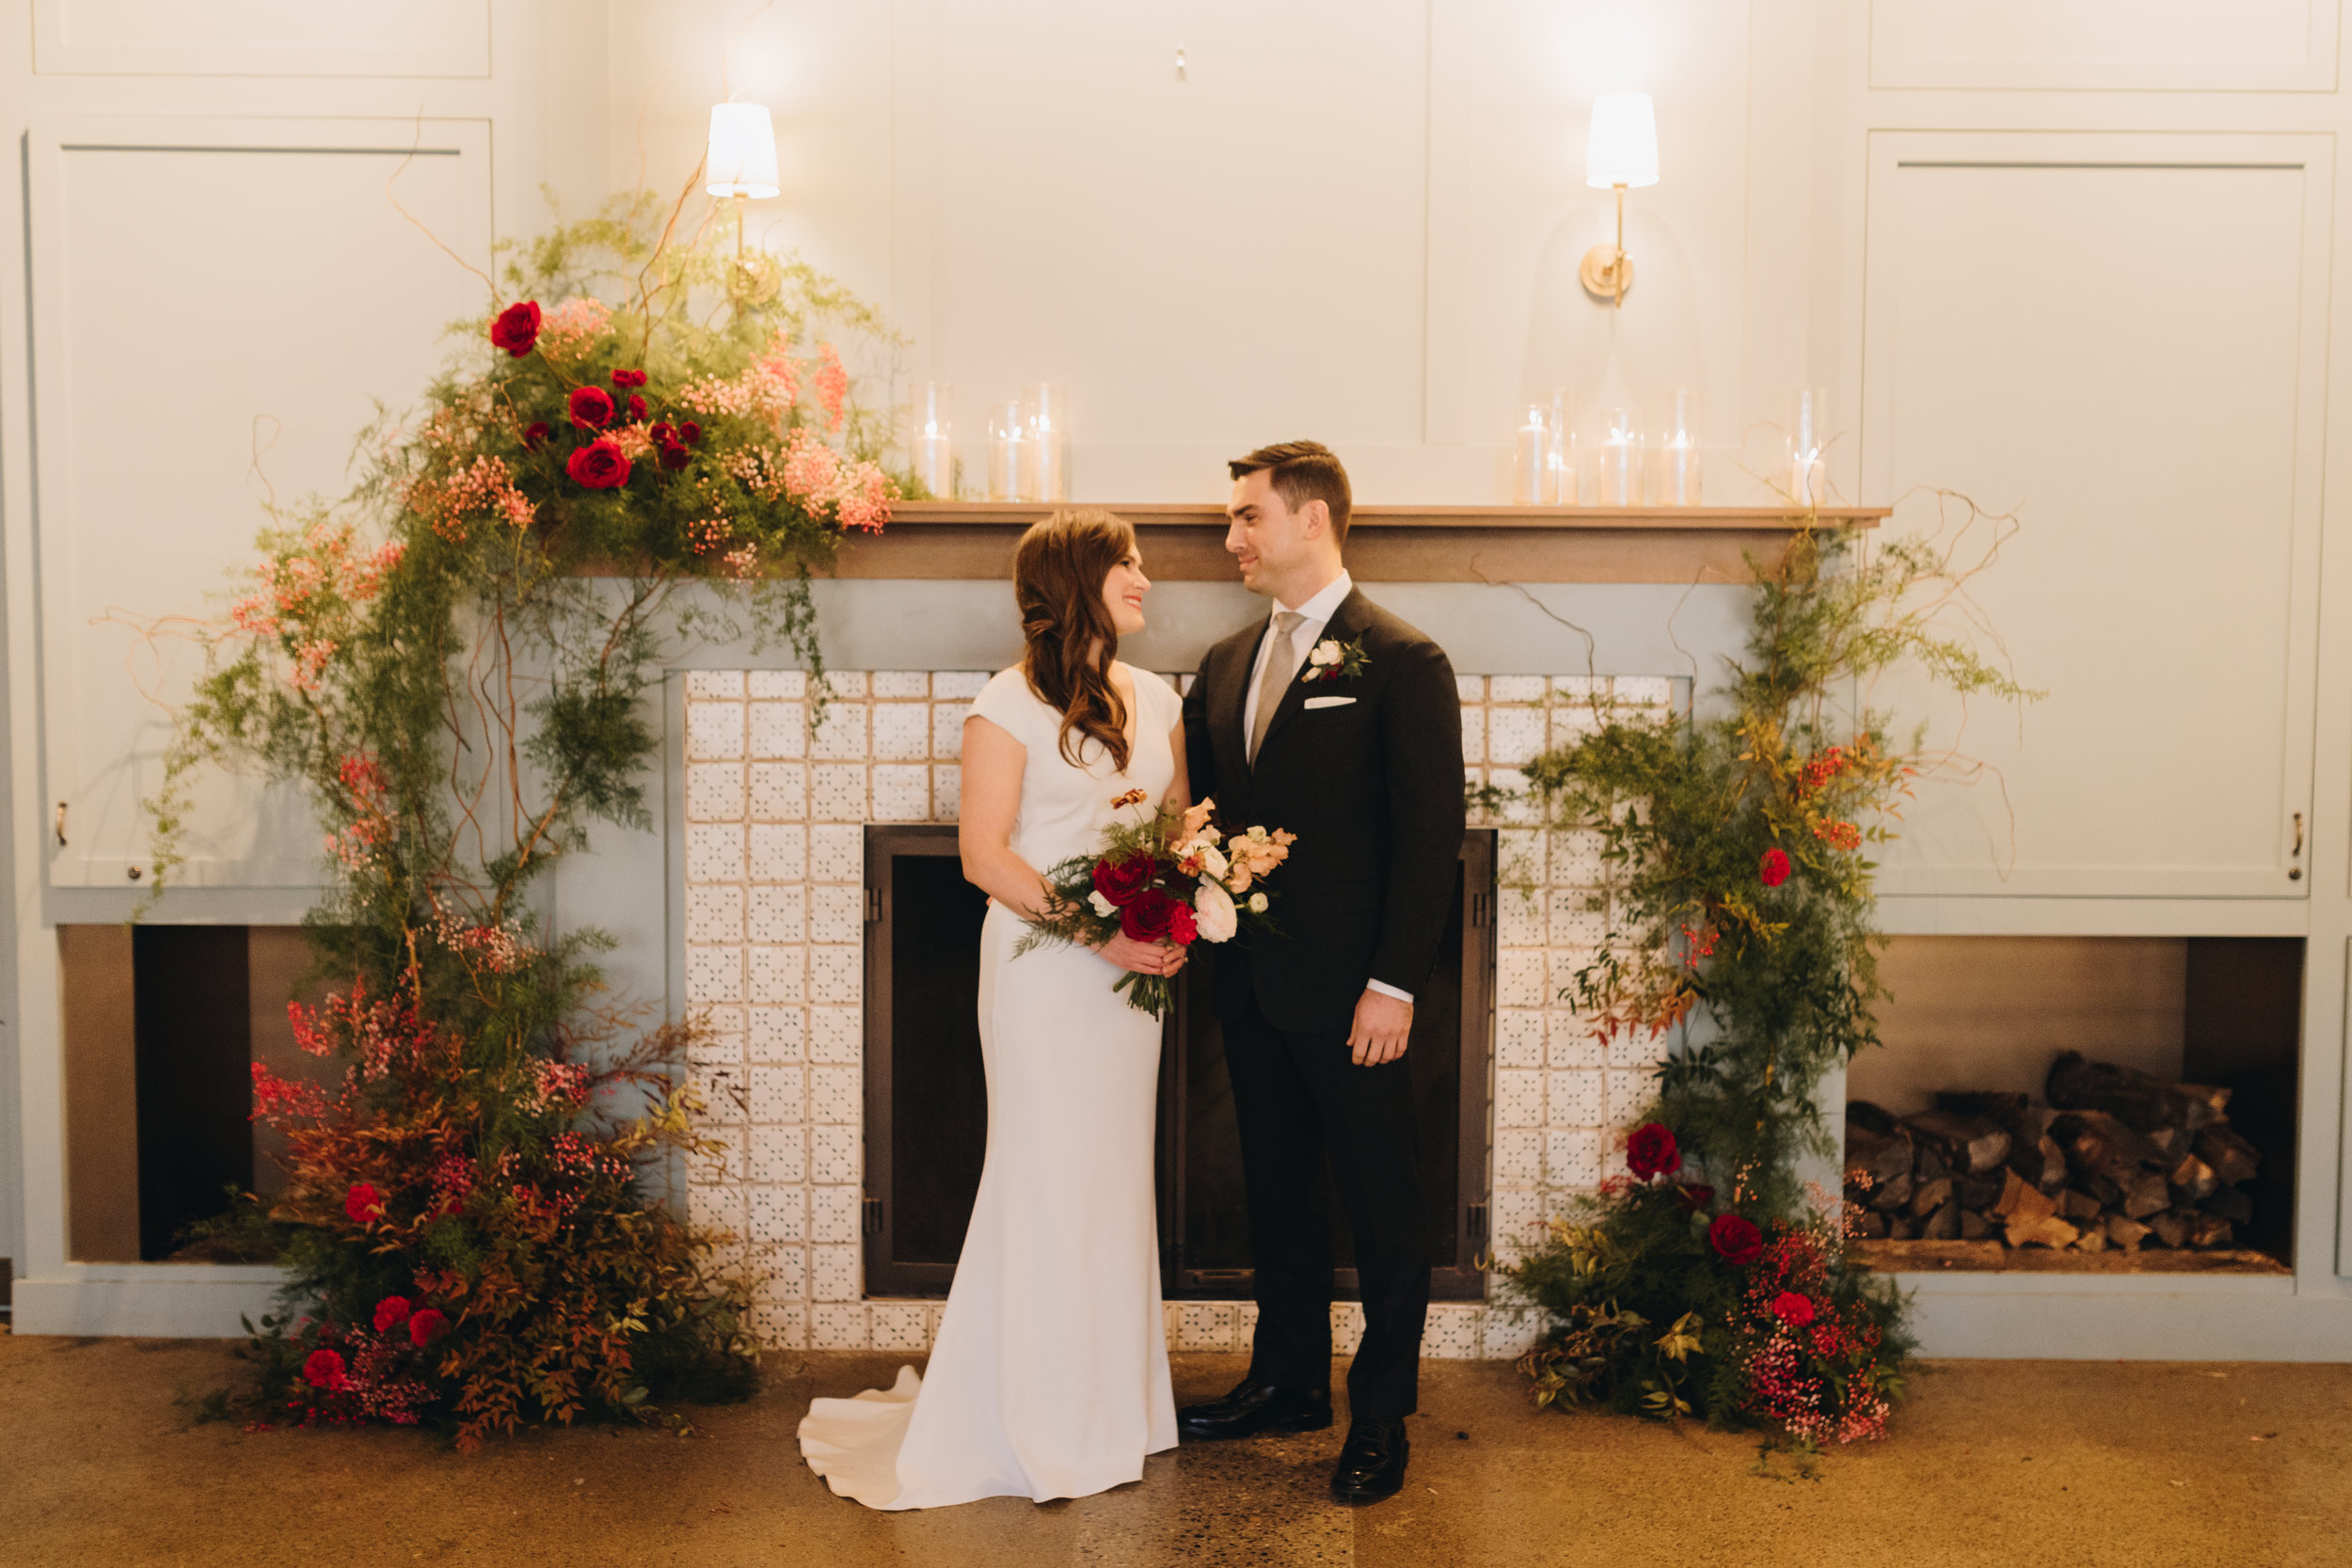 preston-wedding-2019-x-nylonsaddle-295.jpg